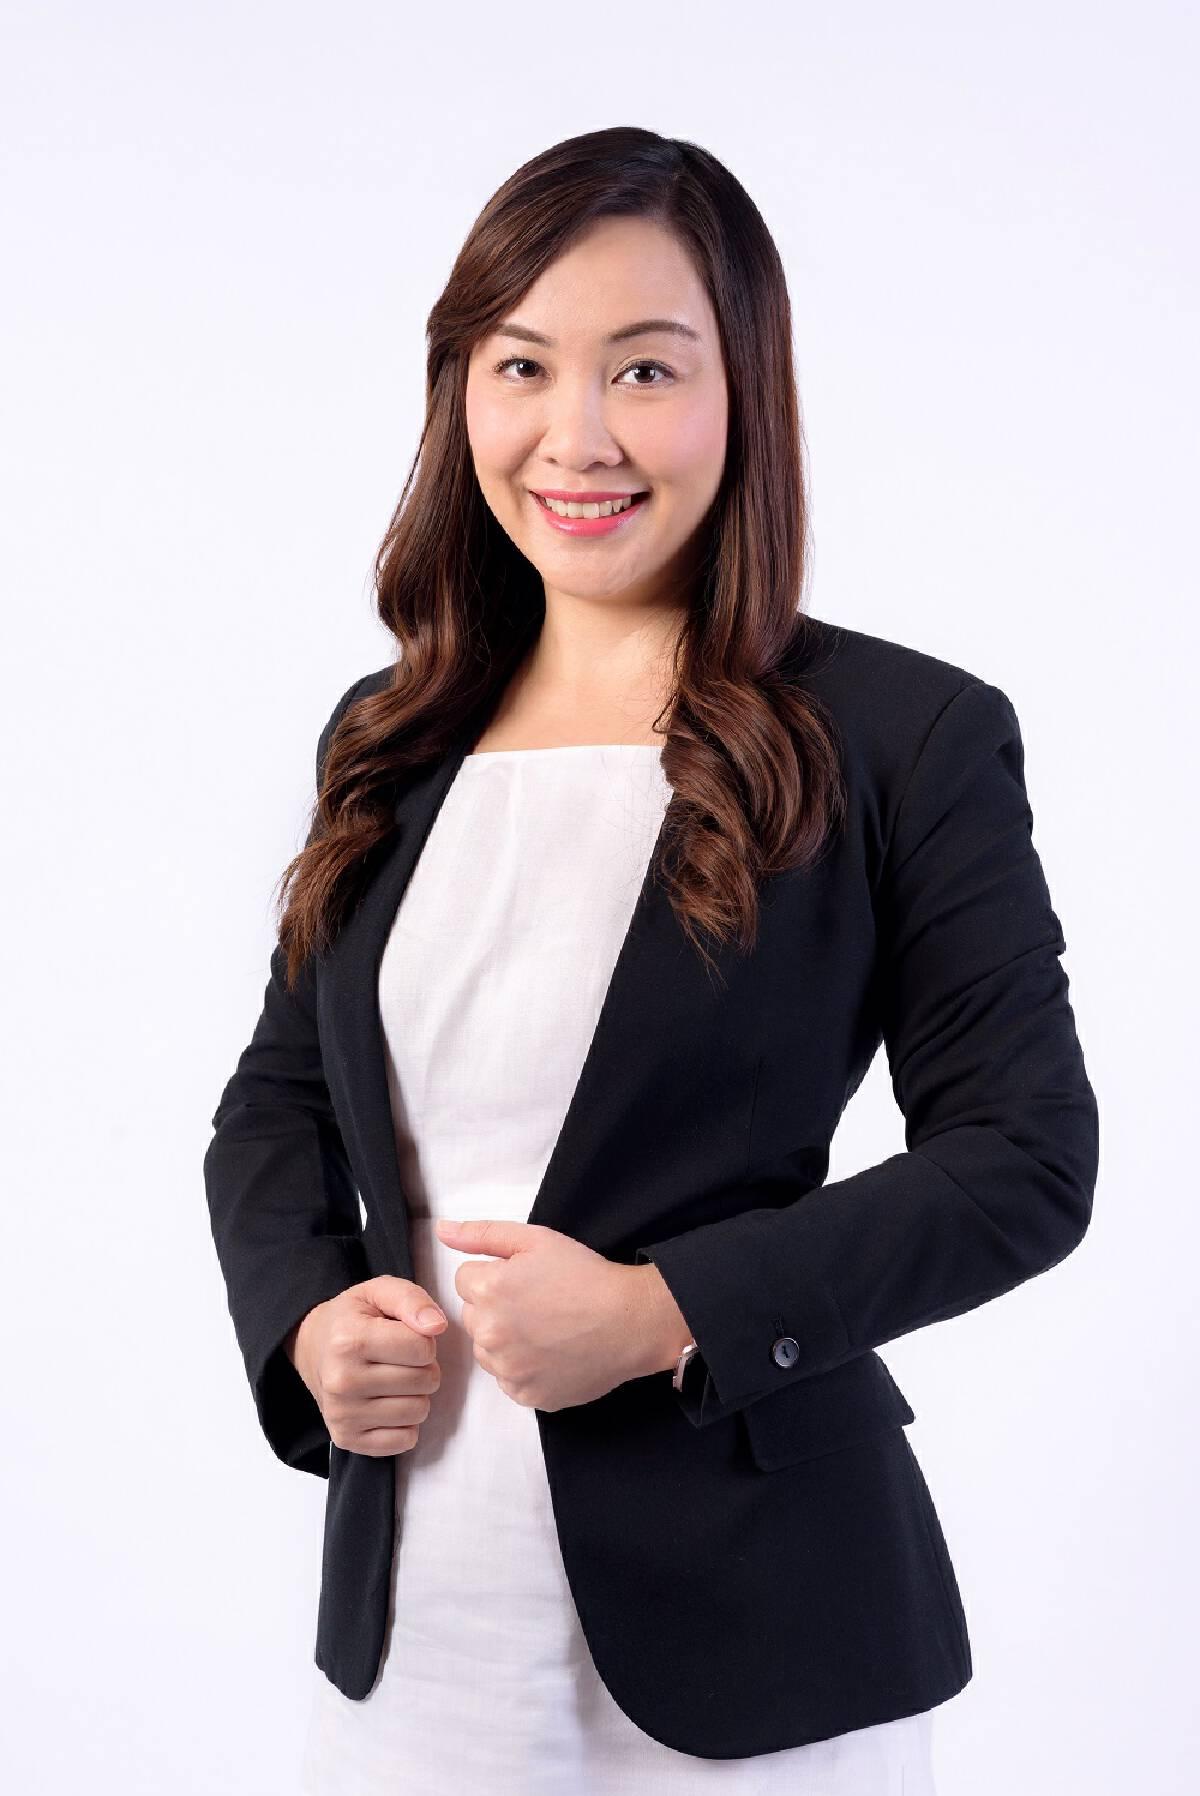 ธิตินันท์ แว่นแก้ว หุ้นส่วนสายงานตรวจสอบบัญชี และหัวหน้าสายงานสื่อและบันเทิง บริษัท PwC ประเทศไทย